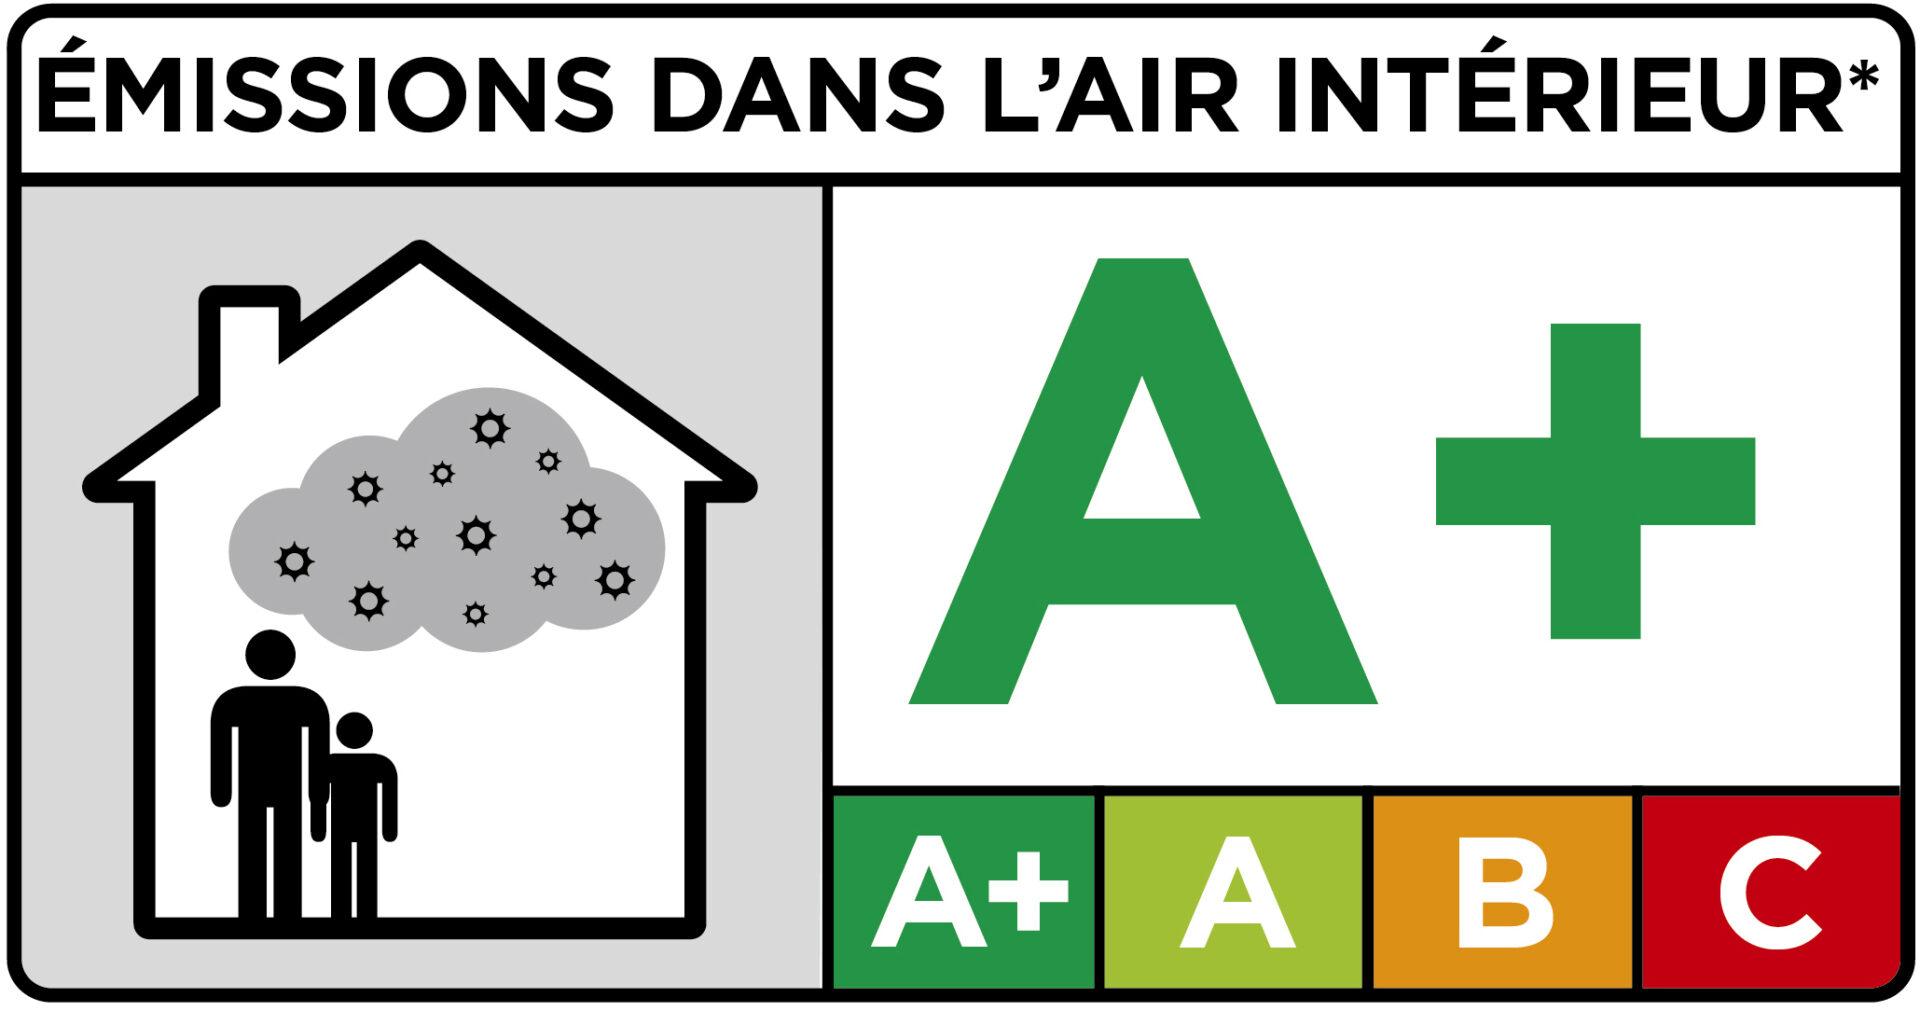 Emissions dans L'air interieur